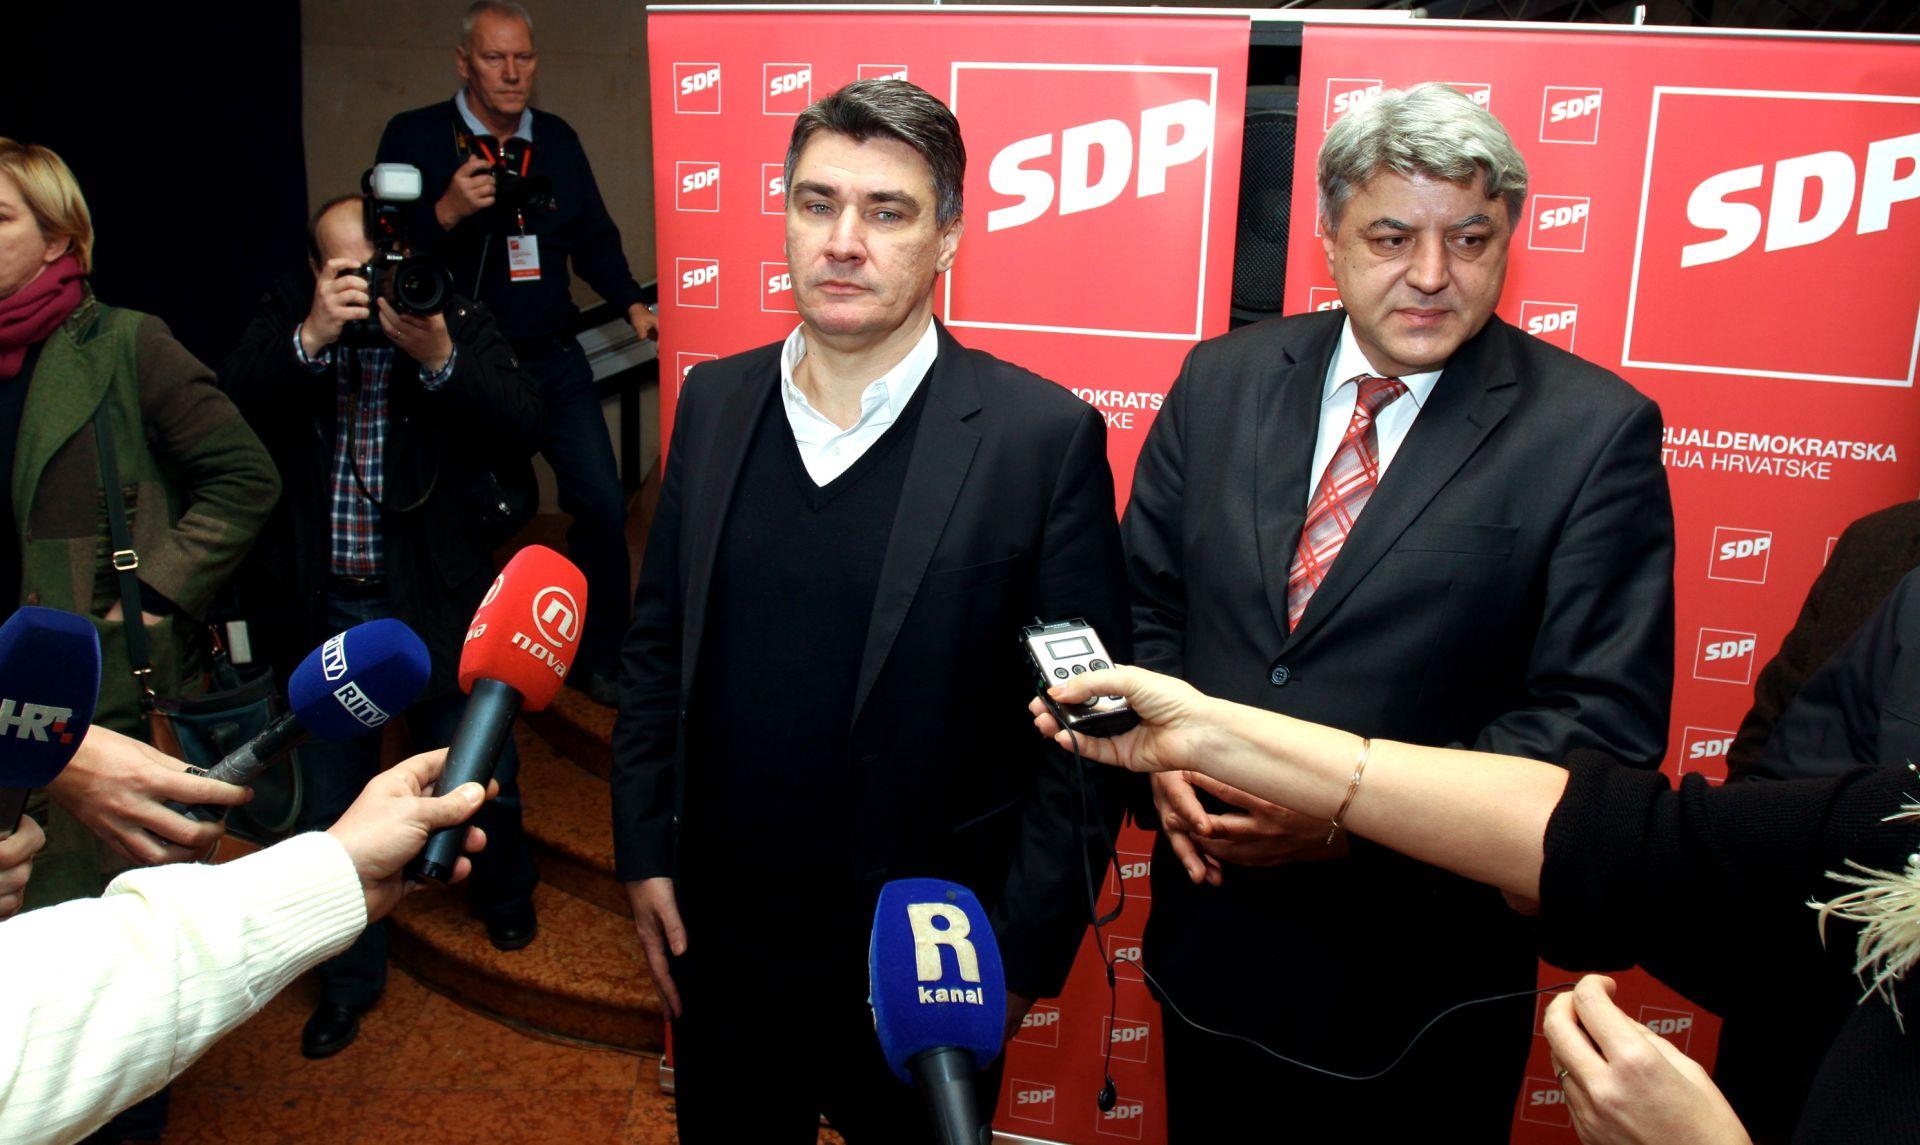 Dvije valjane kandidature za predsjednika SDP-a: Polovina nije skupio dovoljno potpisa